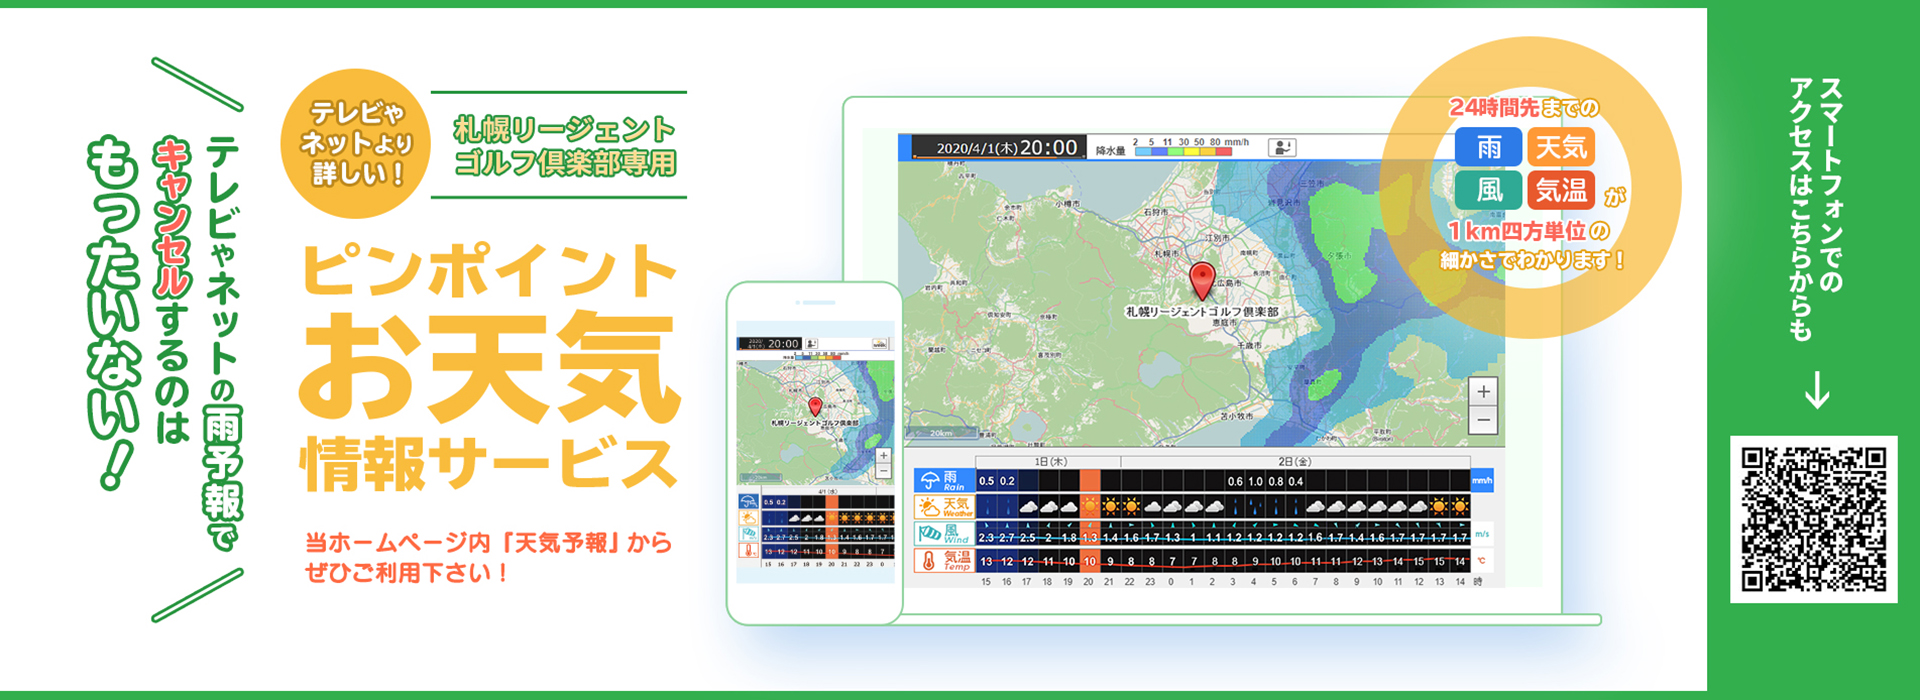 ピンポイント天気情報サービス